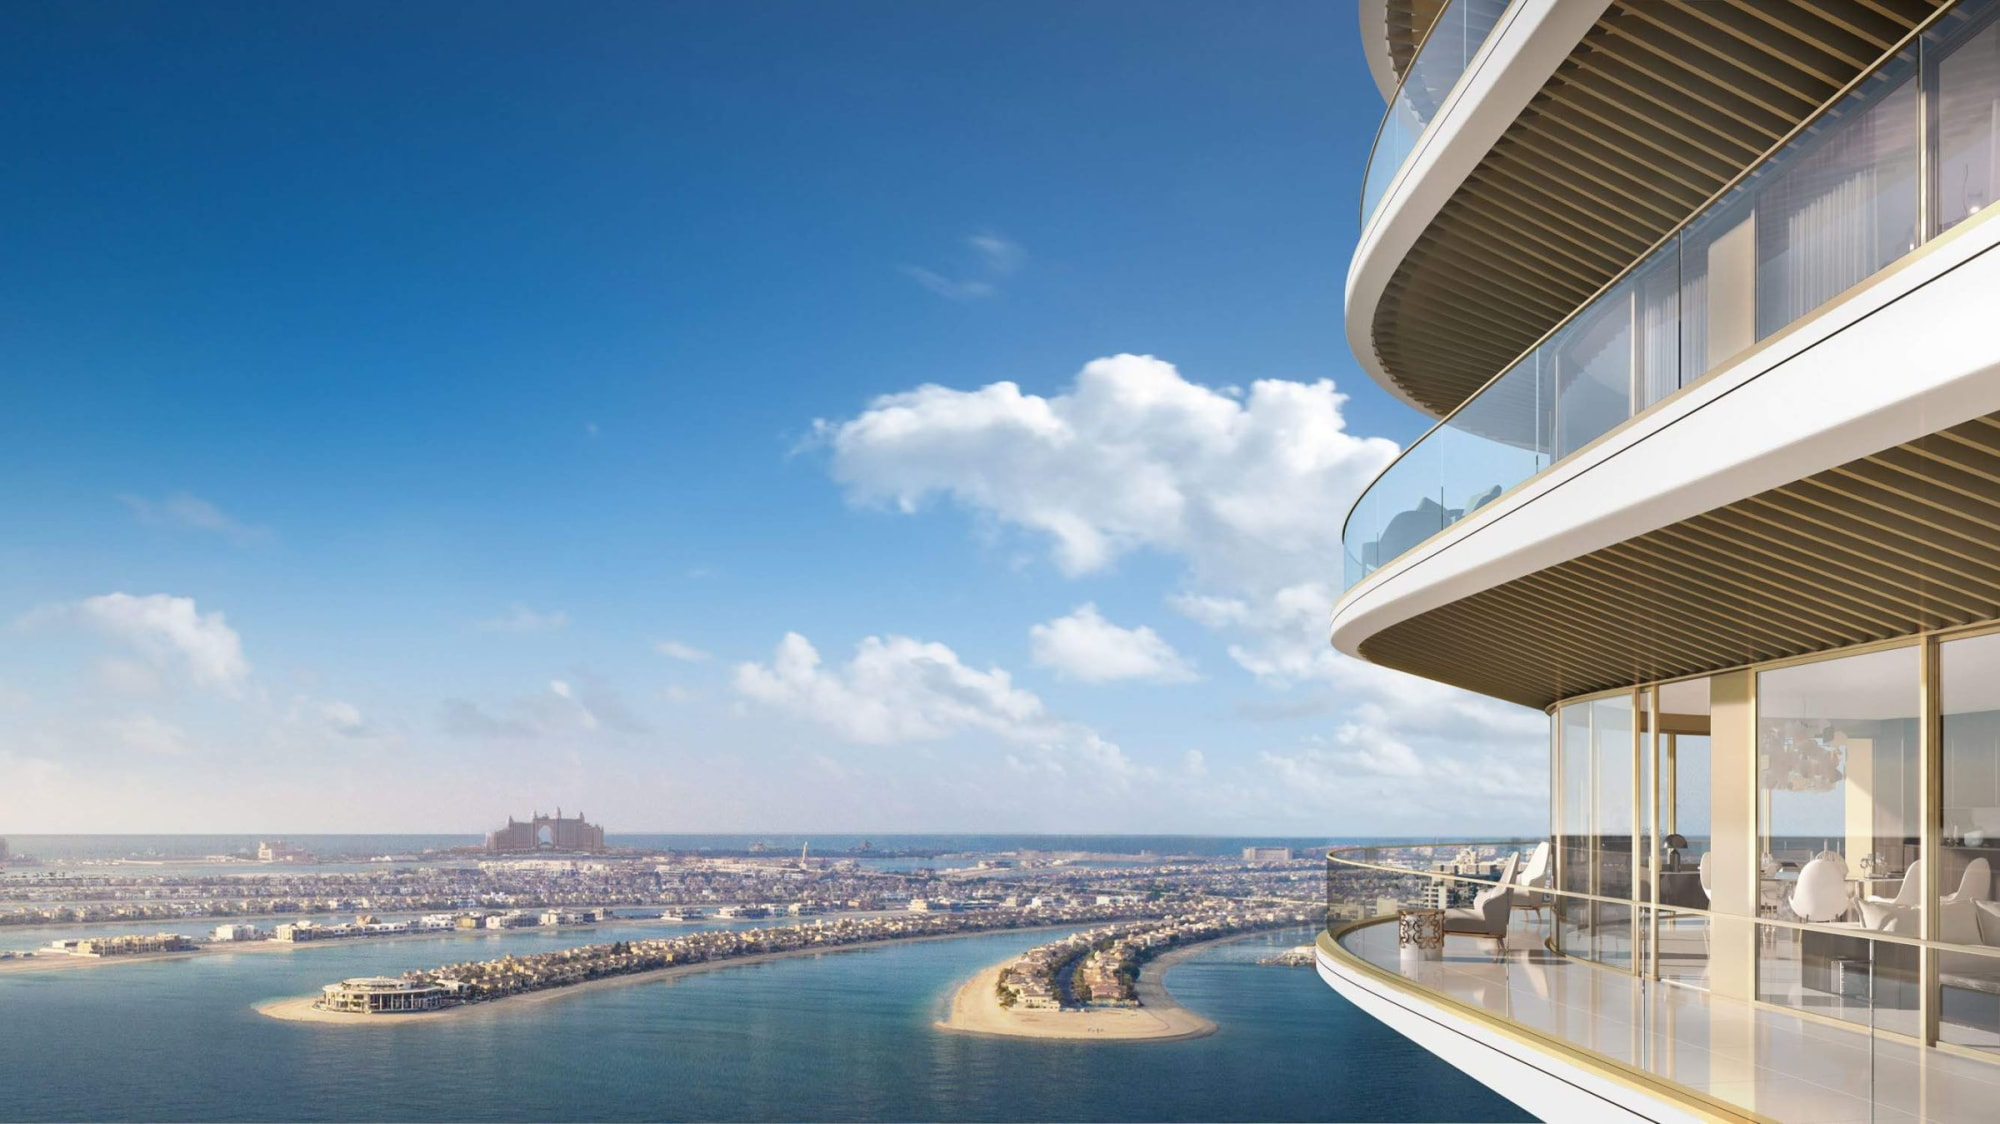 Exclusive 2BR | VIP High Floor | Unobstructed View